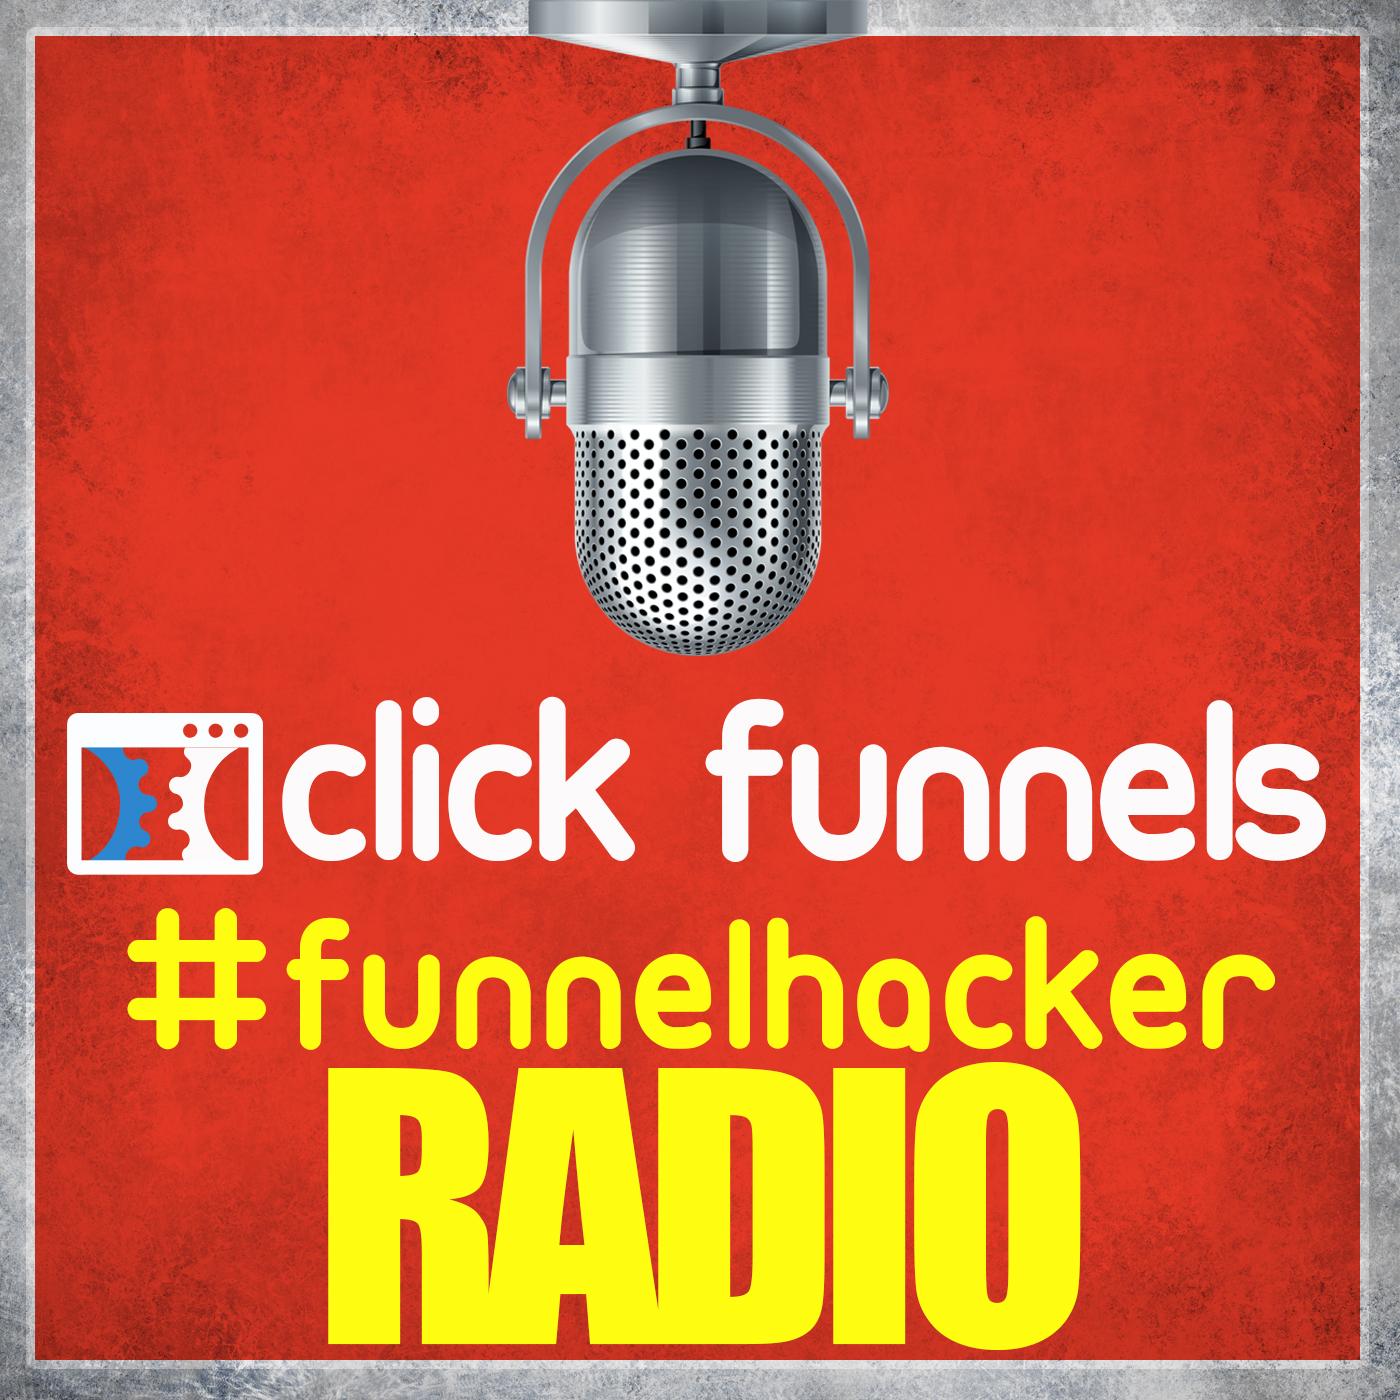 Clickfunnels #FunnelHacker Radio